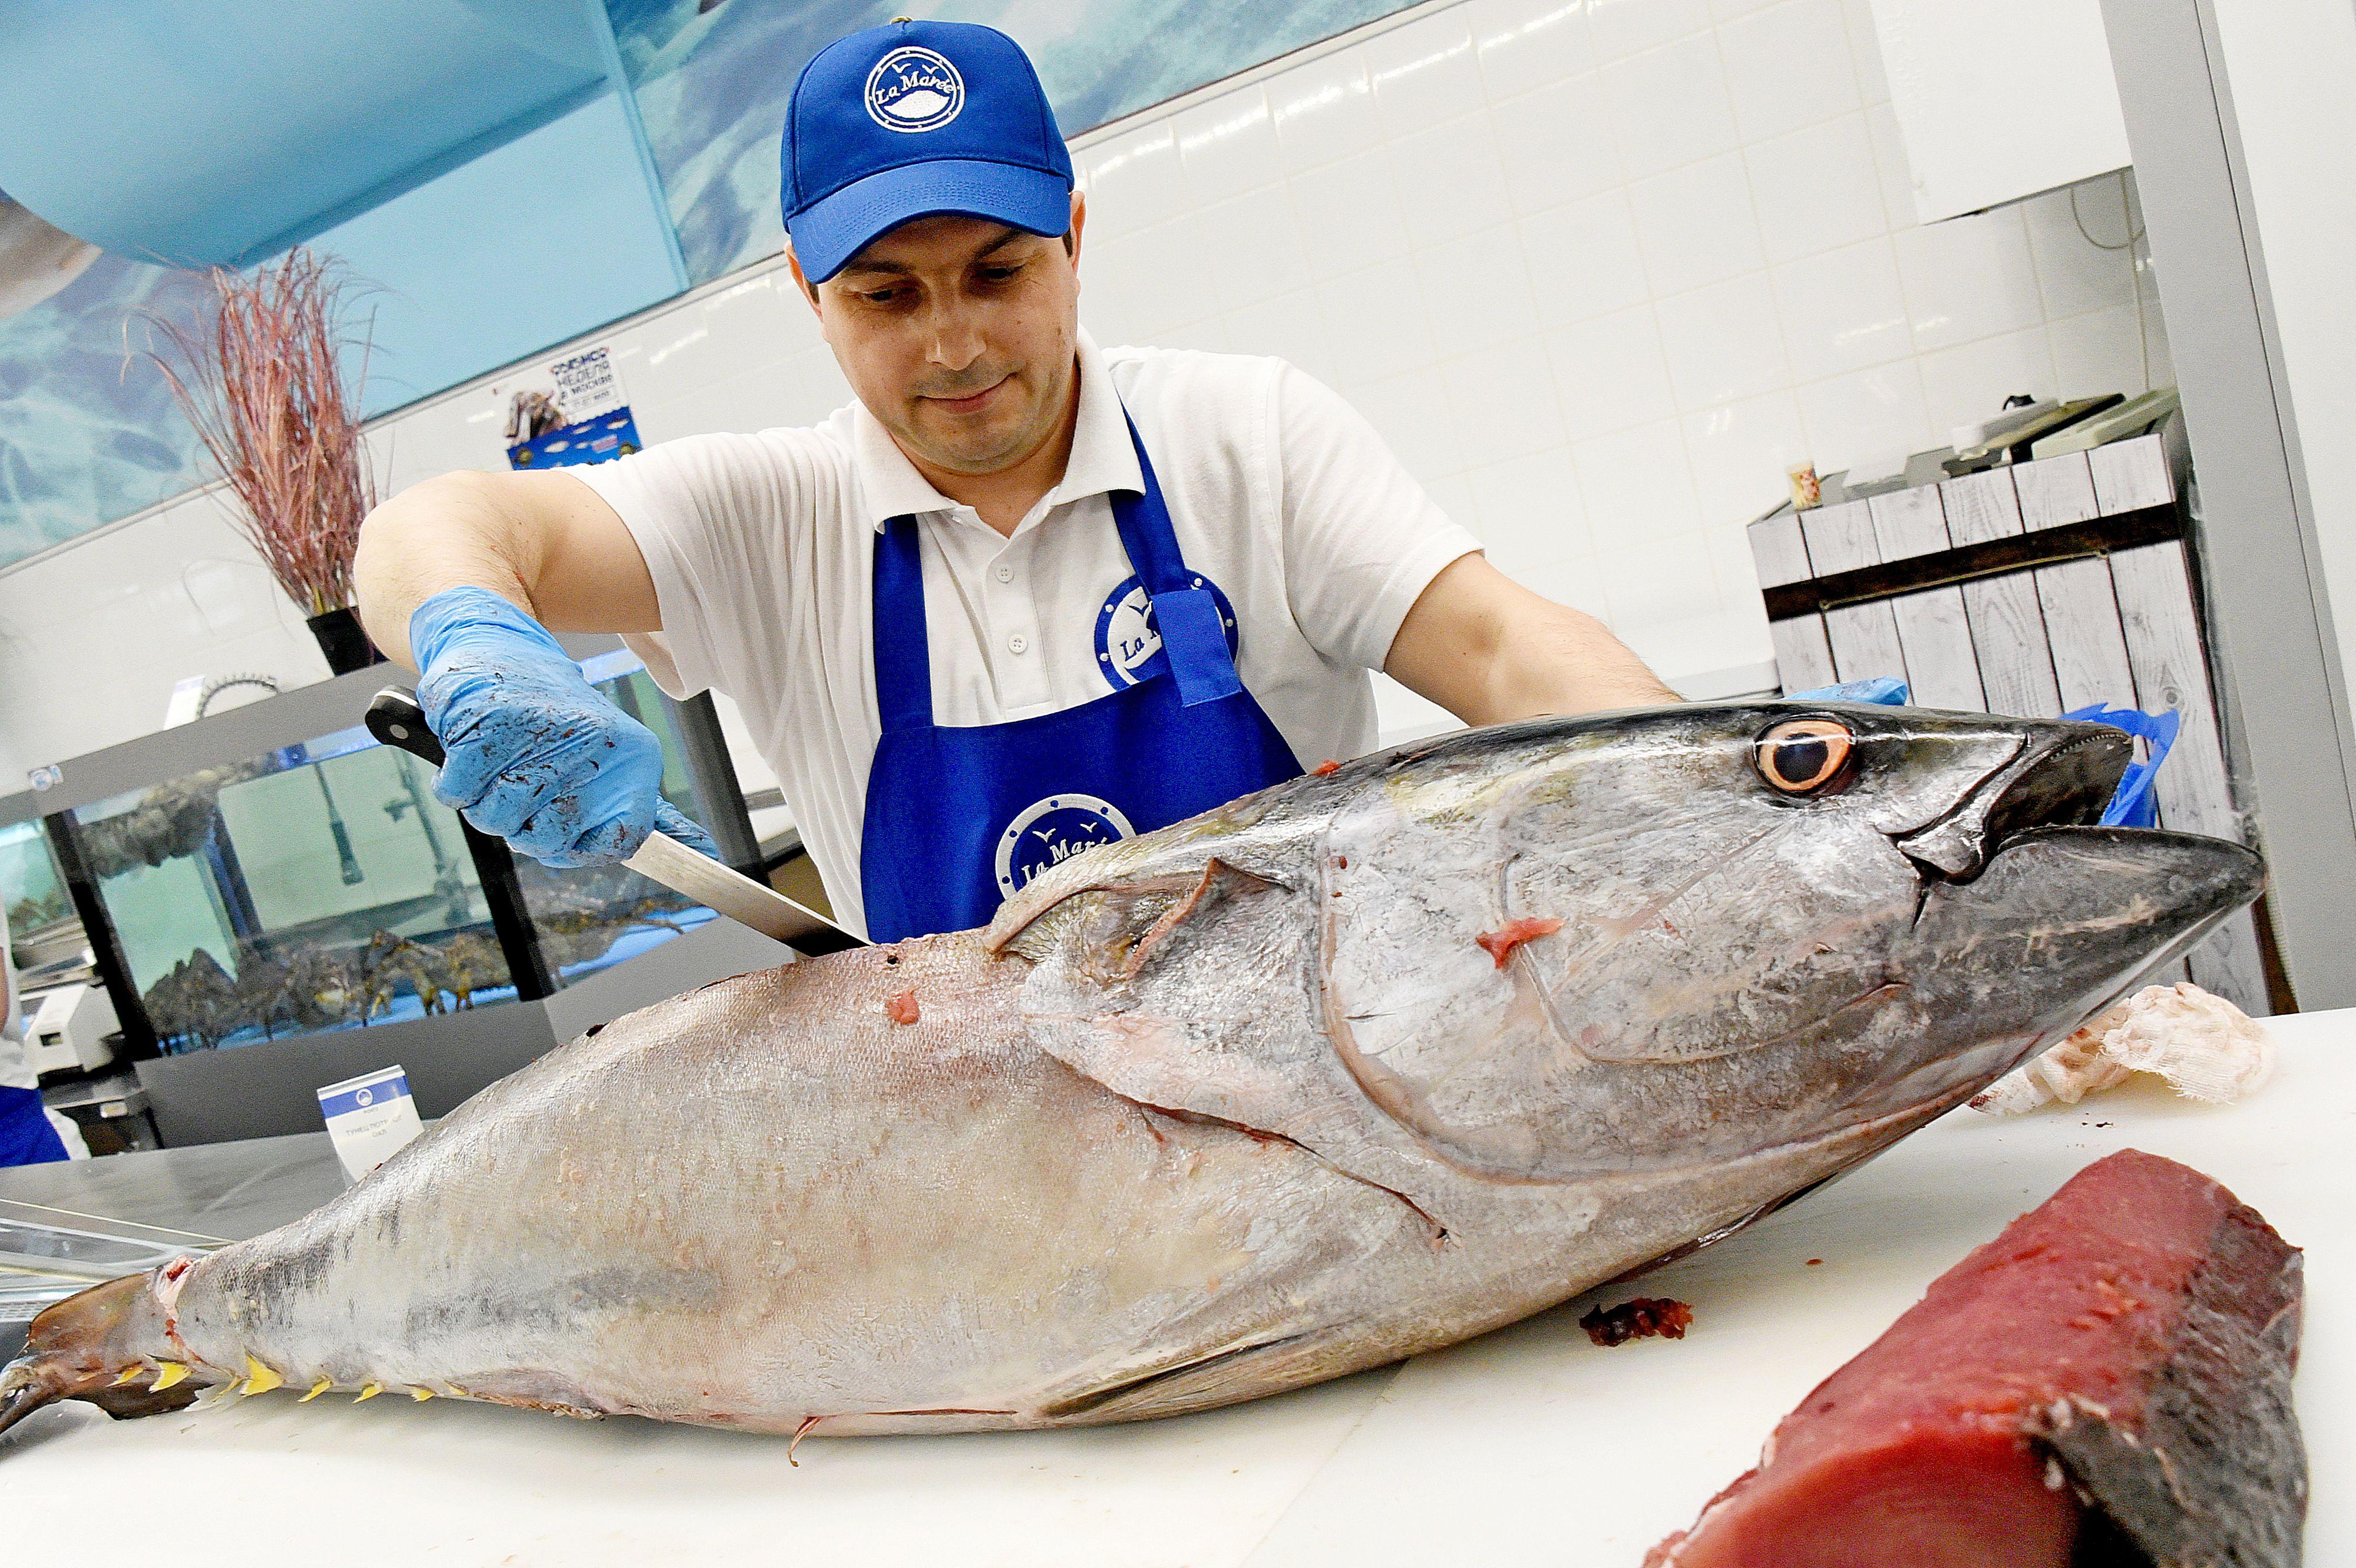 Москвичи попробуют 100 видов рыбы на «Рыбной неделе»